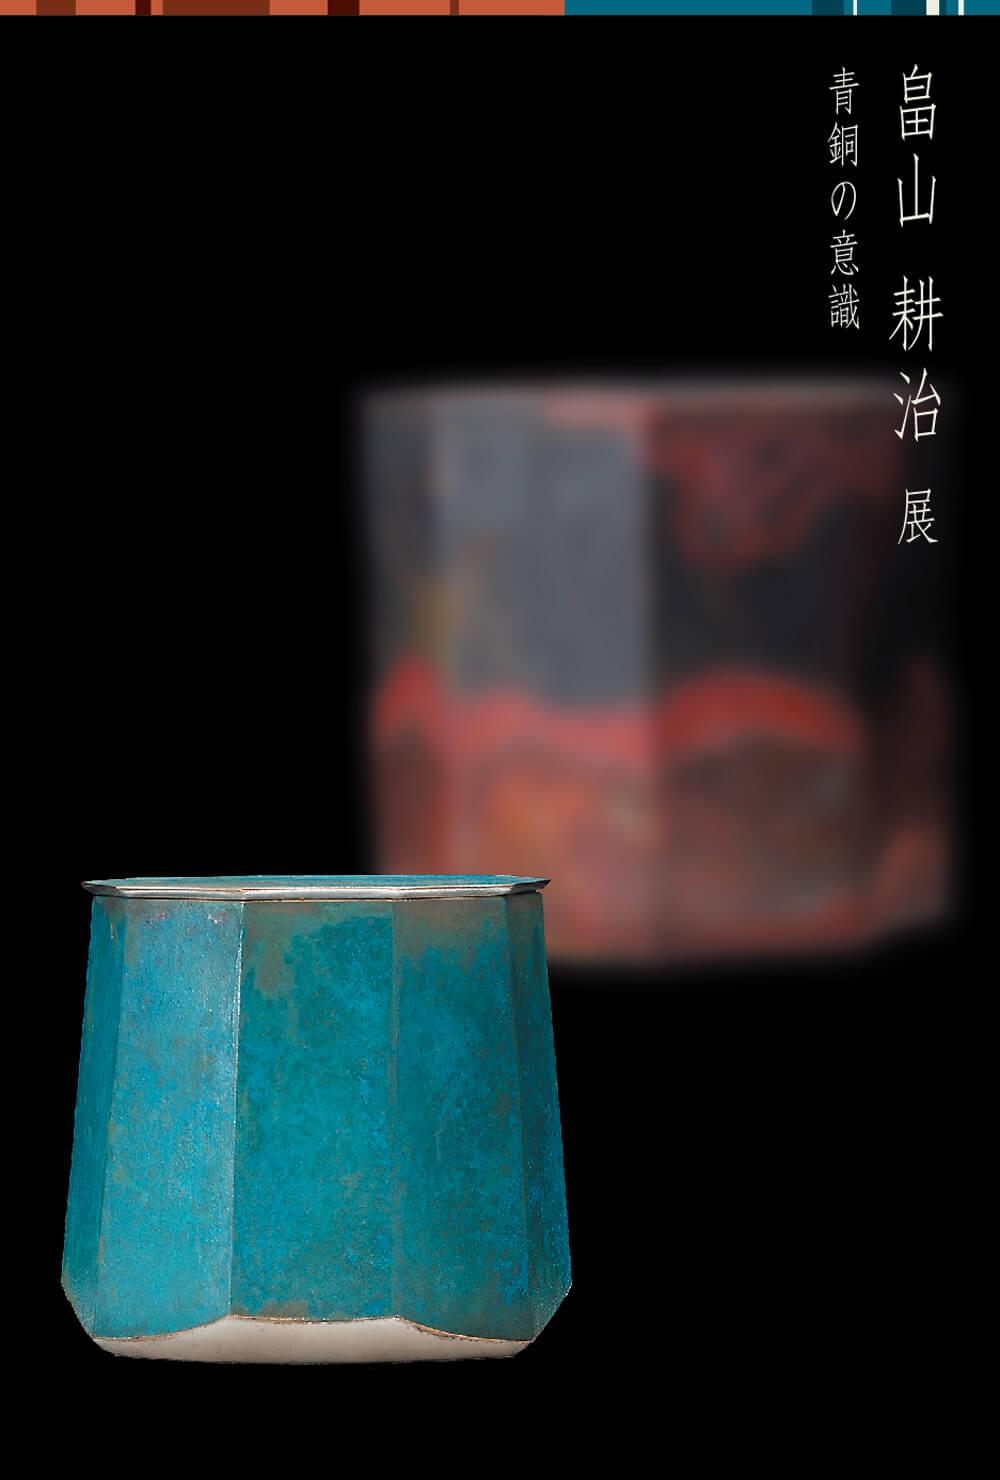 2006年9月1日から開催の「畠山 耕治 展 —青銅の意識—」のDM画像